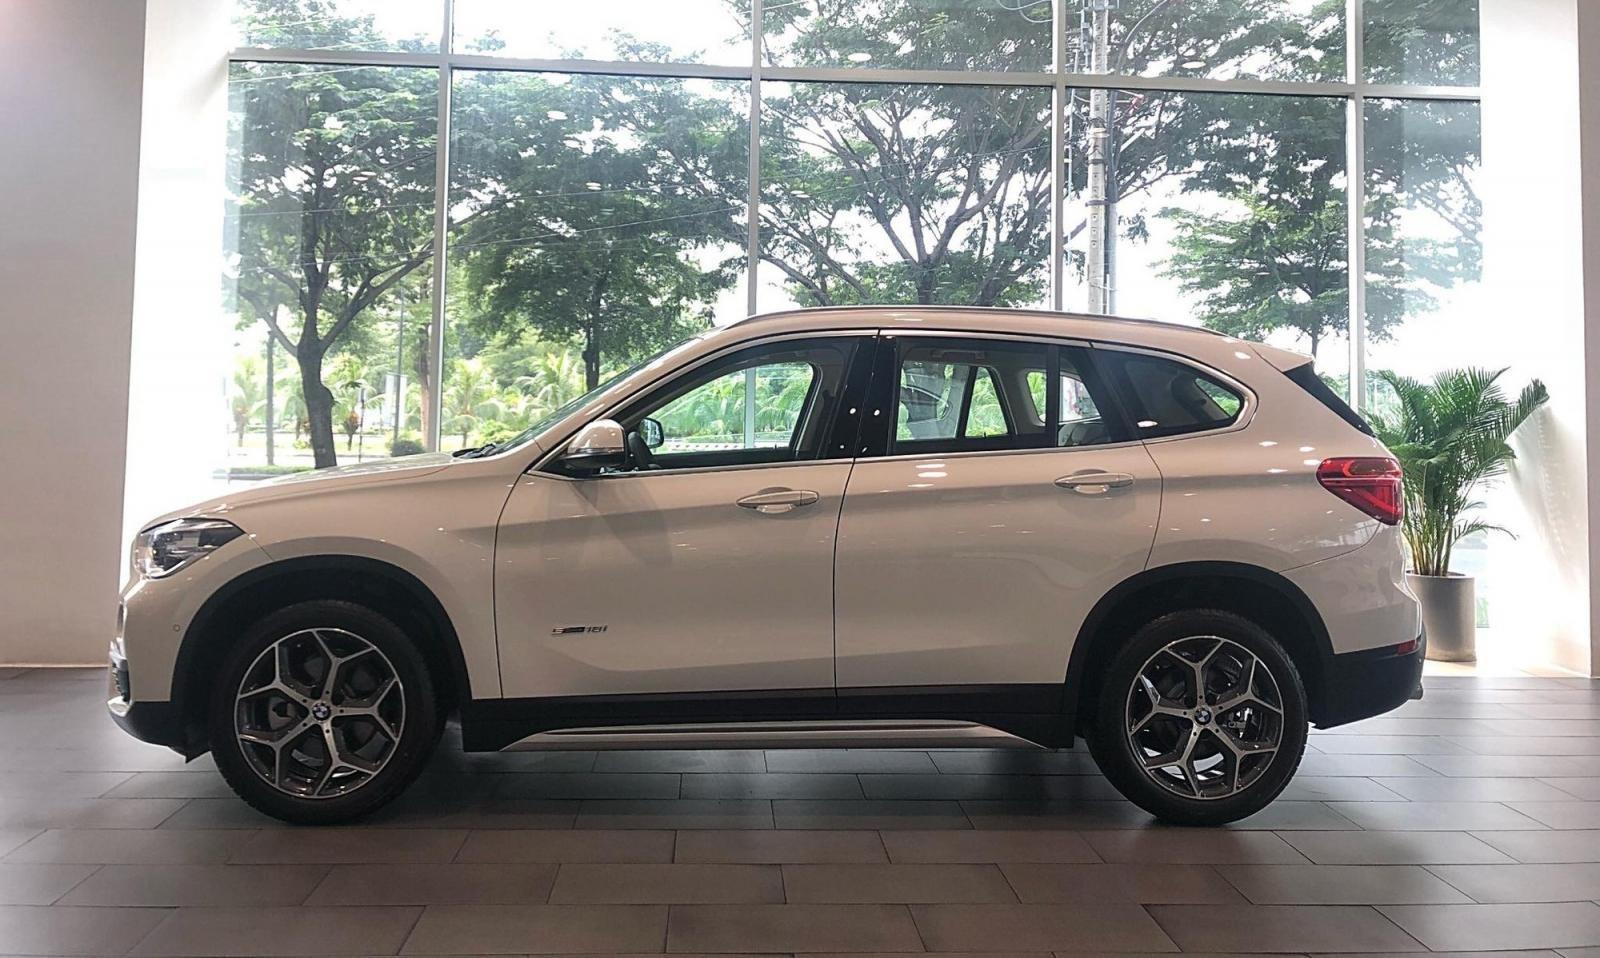 Đánh giá xe BMW X1 2019 về thiết kế thân xe.